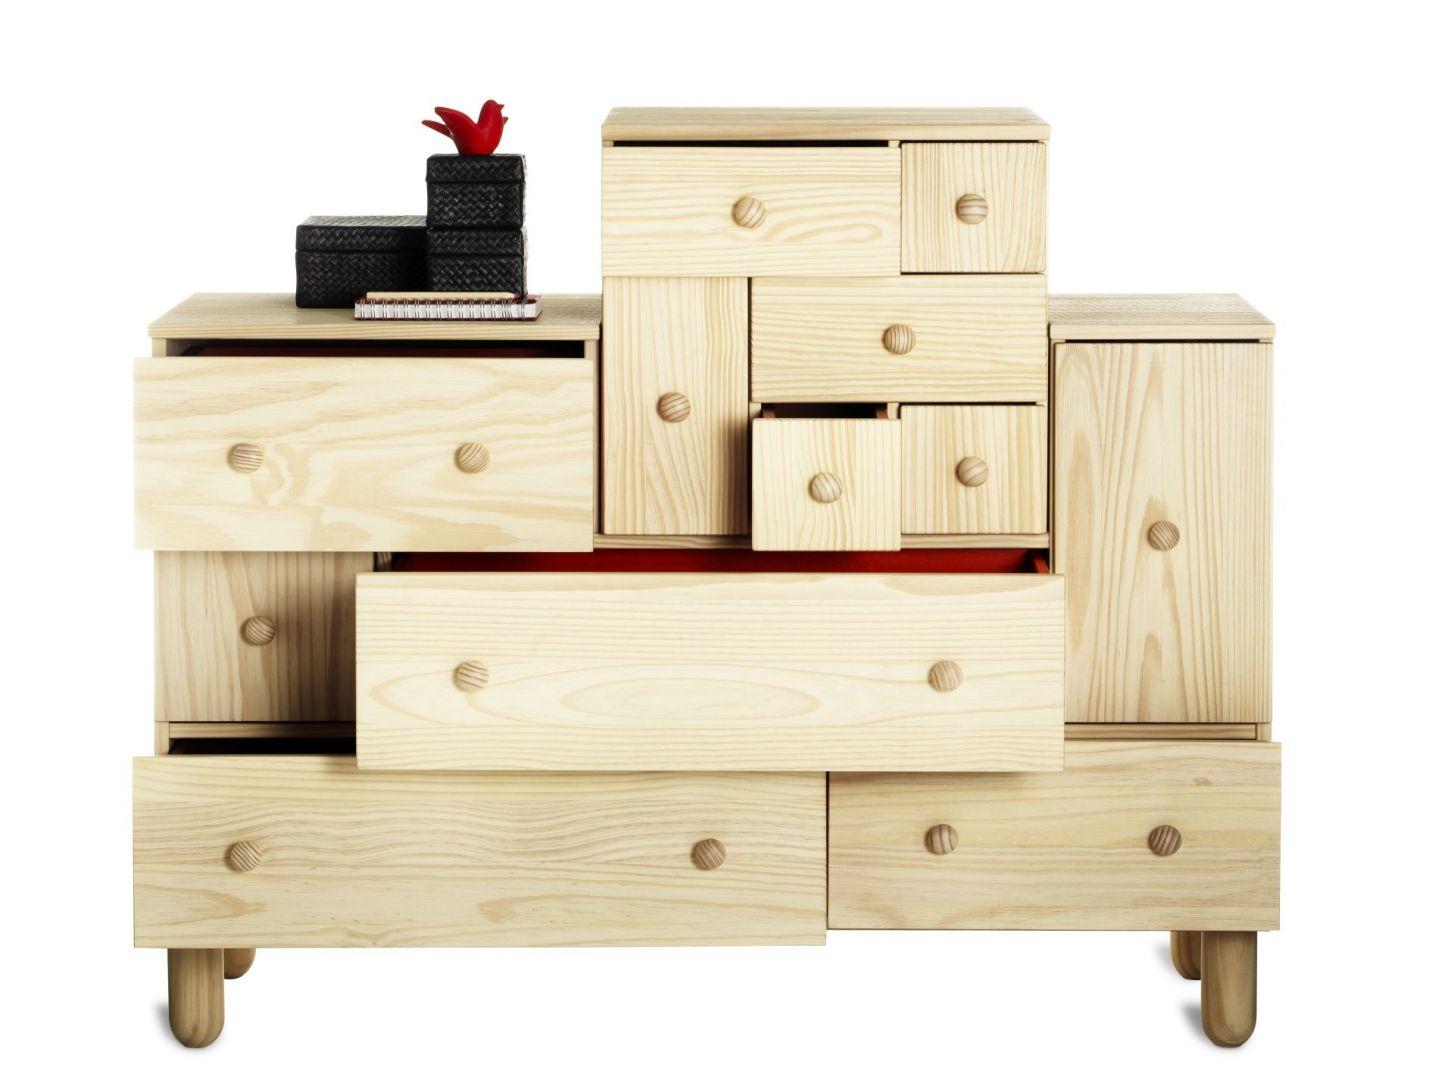 Komoda z serii IKEA PS to mebel, który ma kolorowe wnętrza szuflad. Cena komody 2198 zł. Fot. IKEA